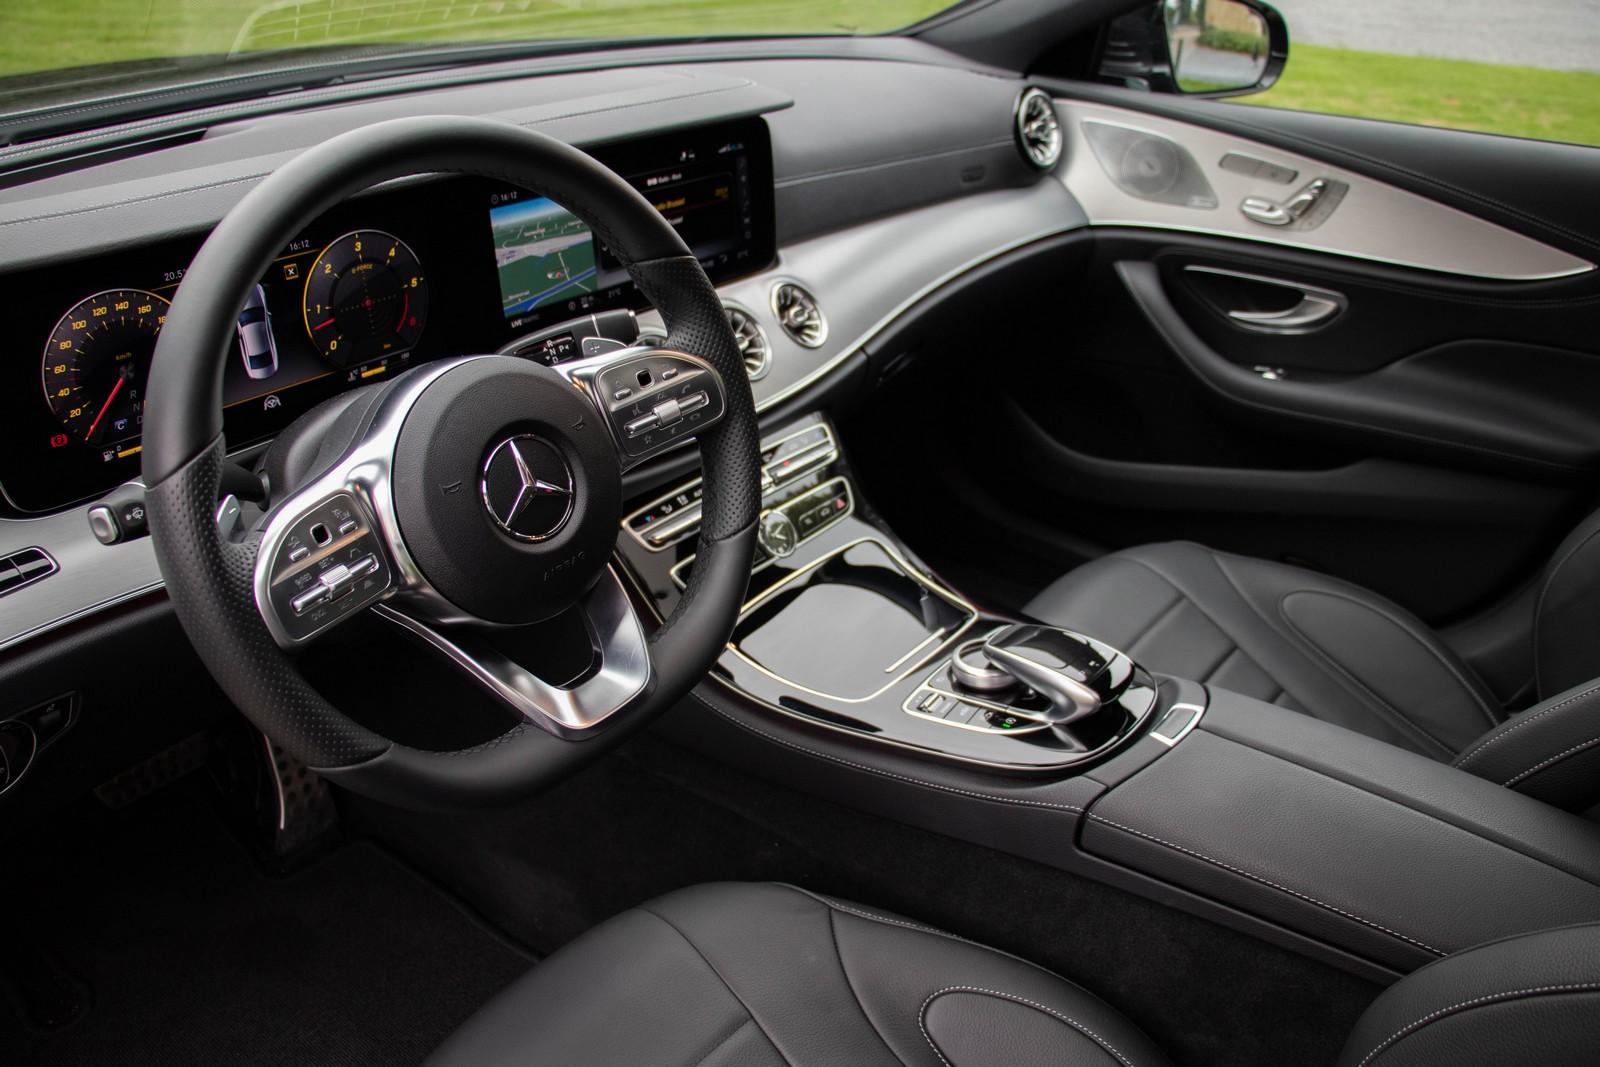 Mercedes-Benz CLS 400d Dashboard